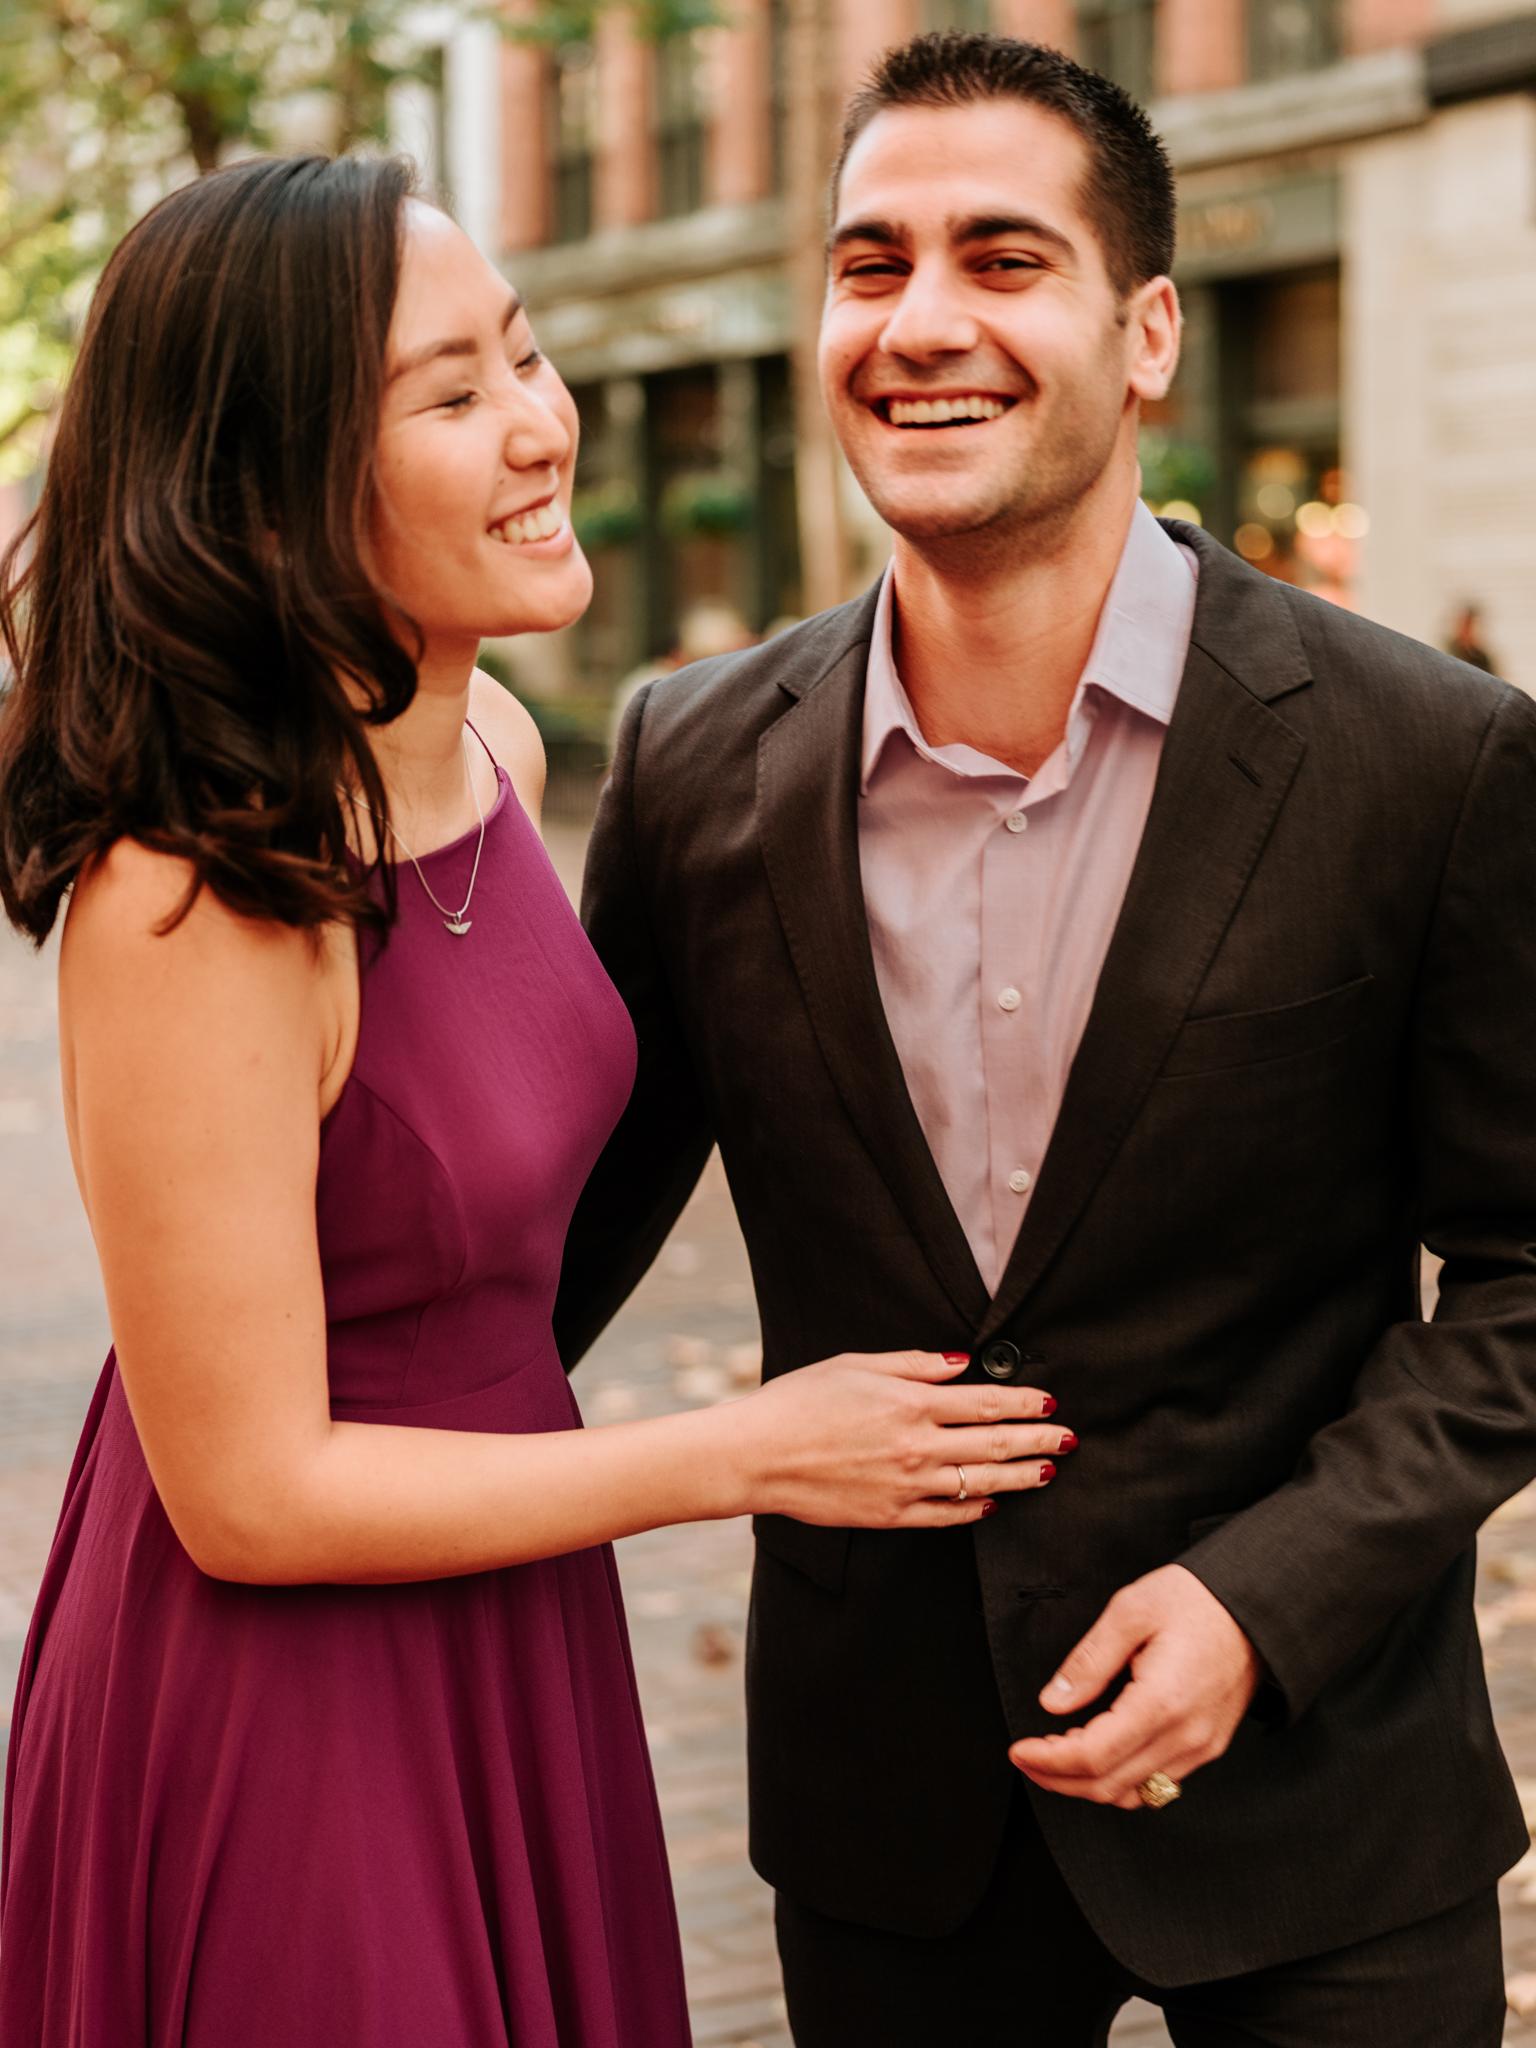 Seattle Engagement Photographer_Stolen Glimpses 8.jpg